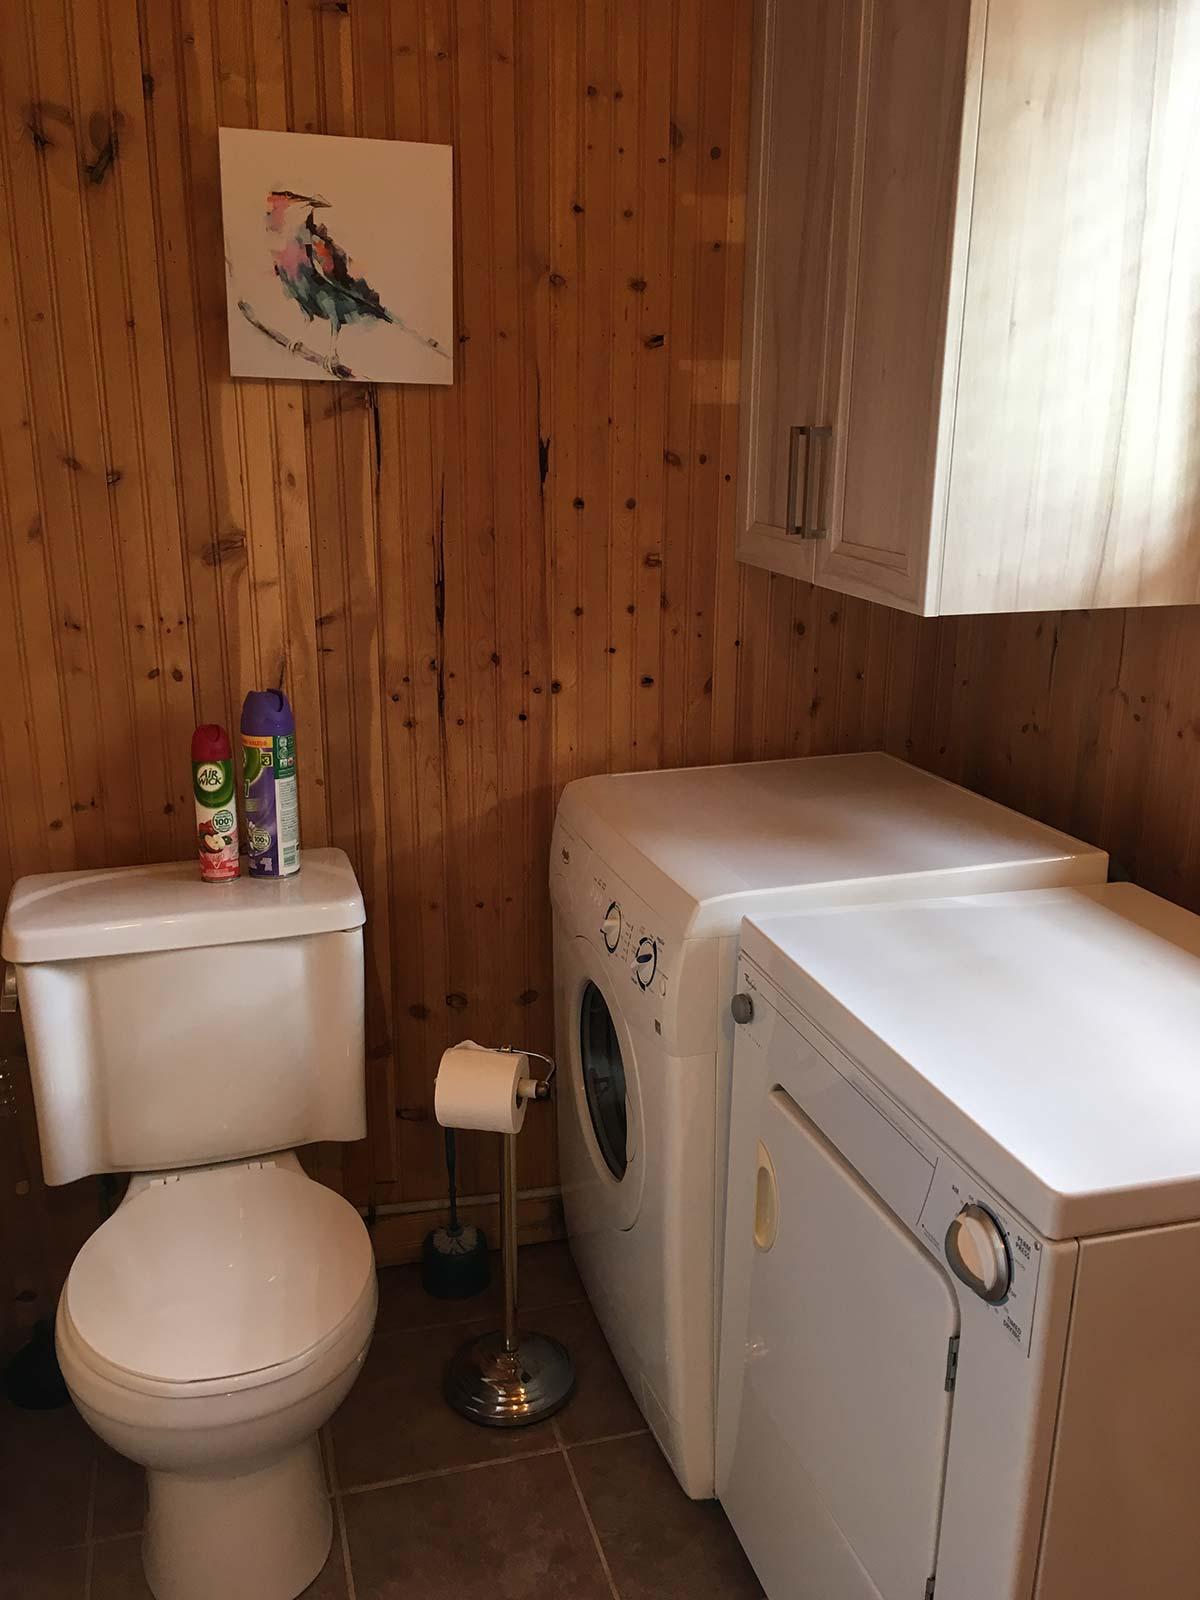 Chalet - Laveuse et sécheuse - Domaine Lac Louise Camping